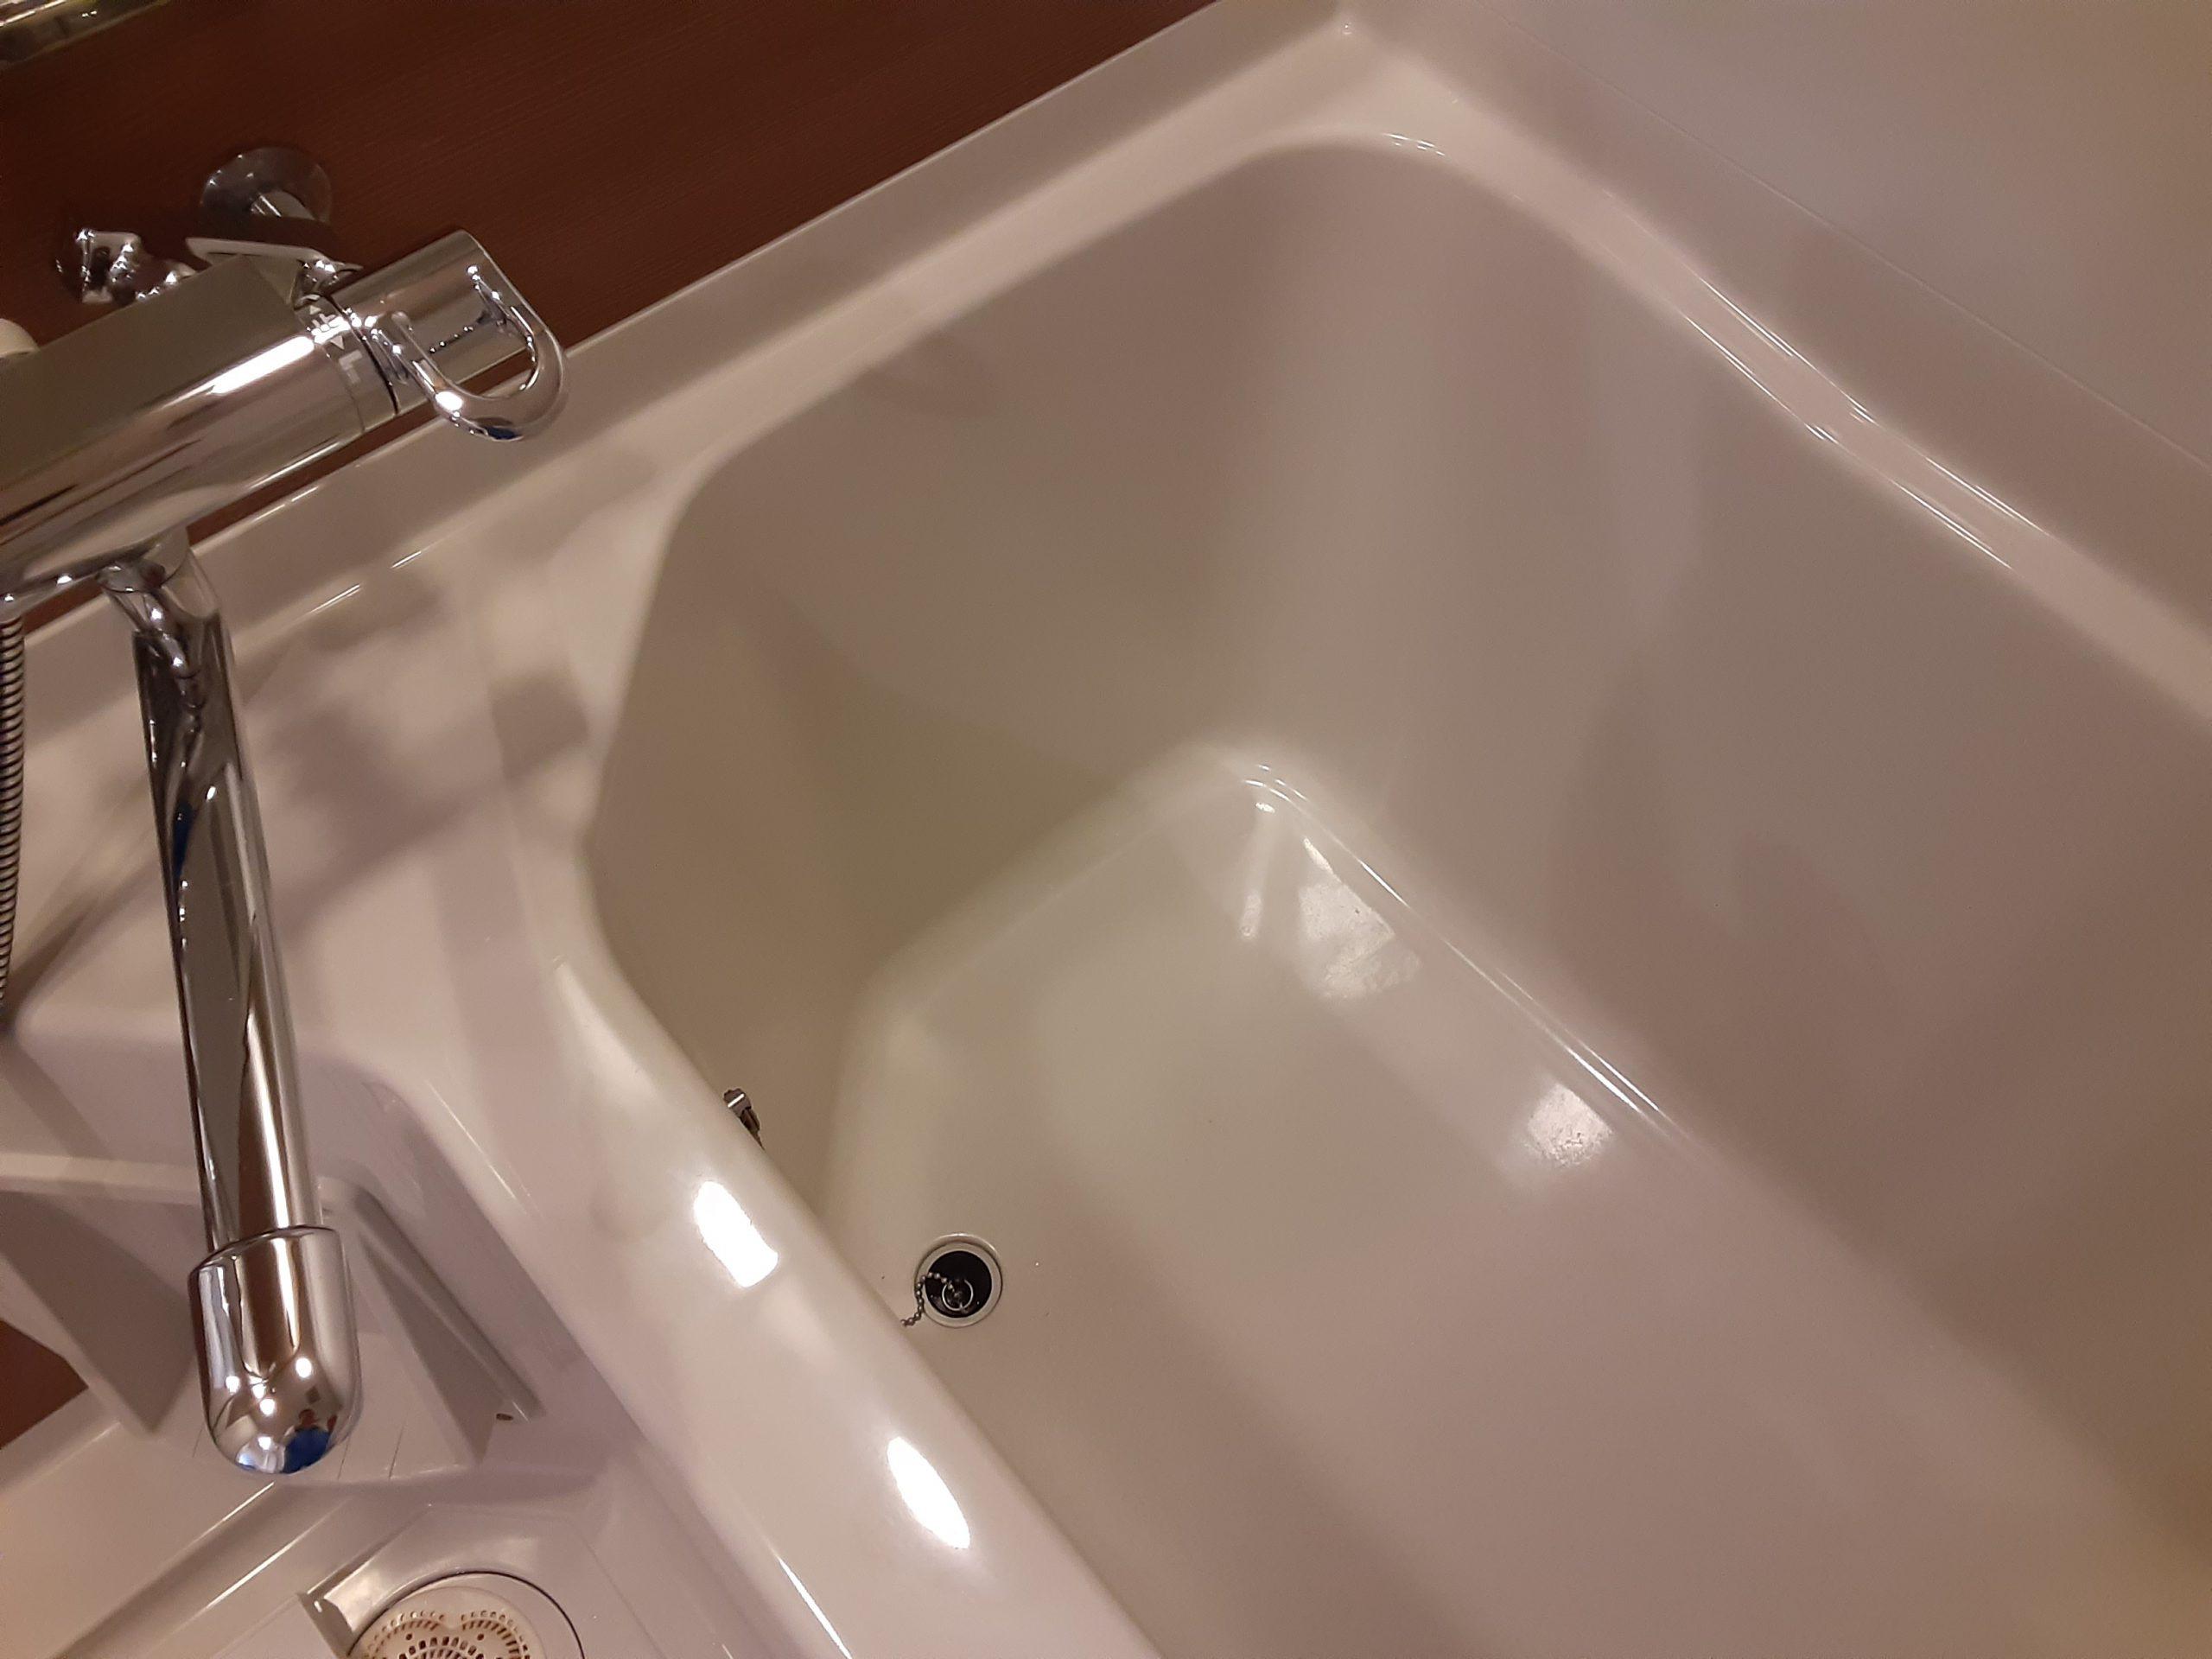 いい部屋おそうじPROのお風呂うりーニングビフォーアフター